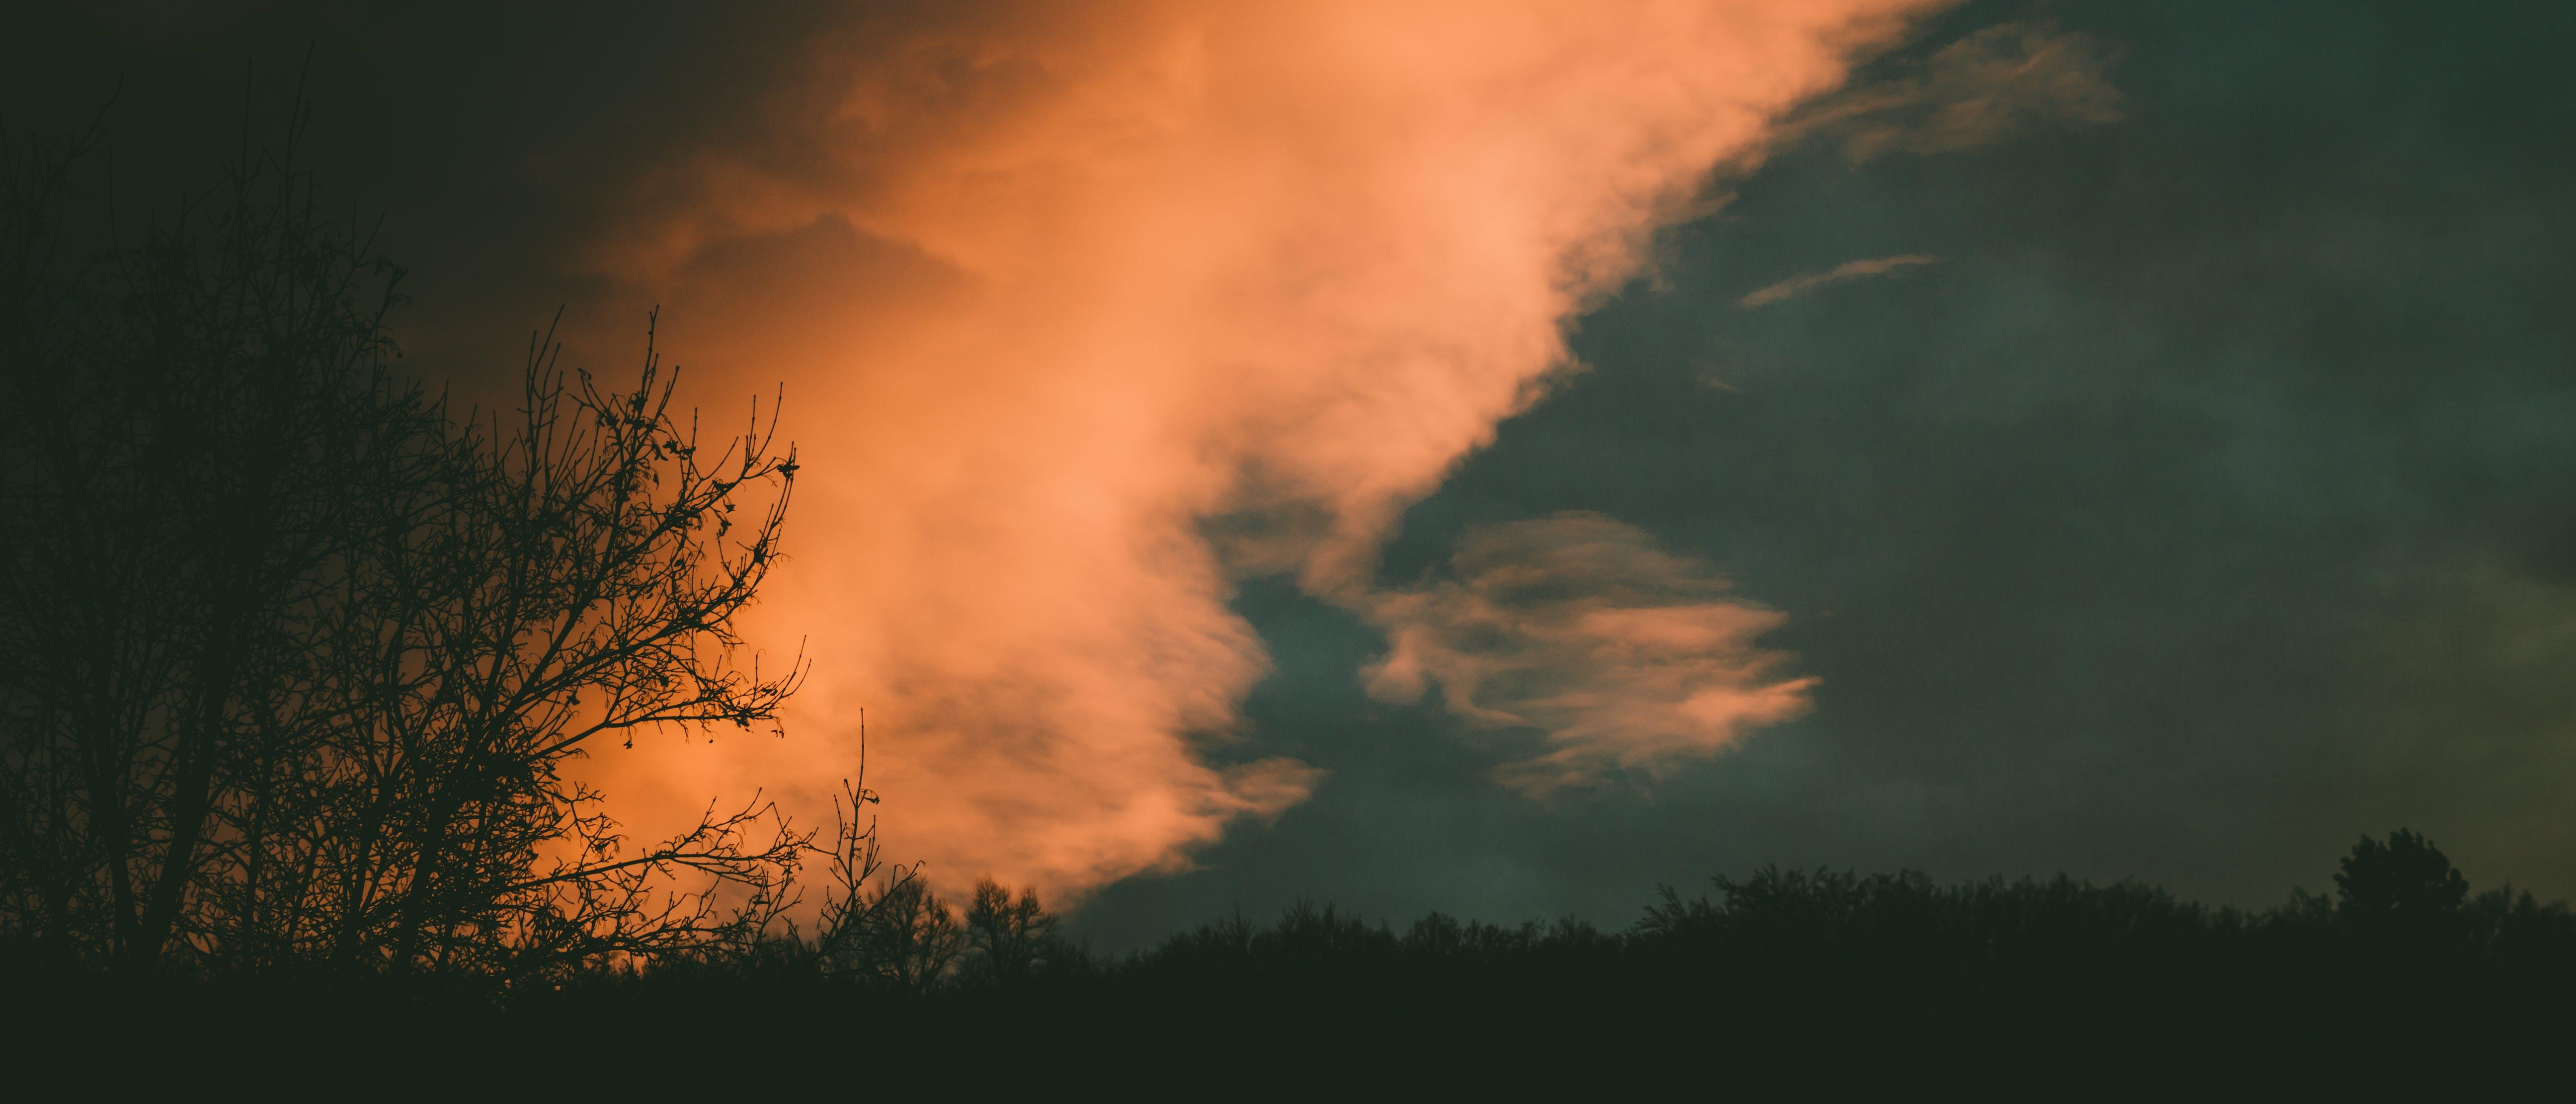 fotografie přírody, krajina, malebný